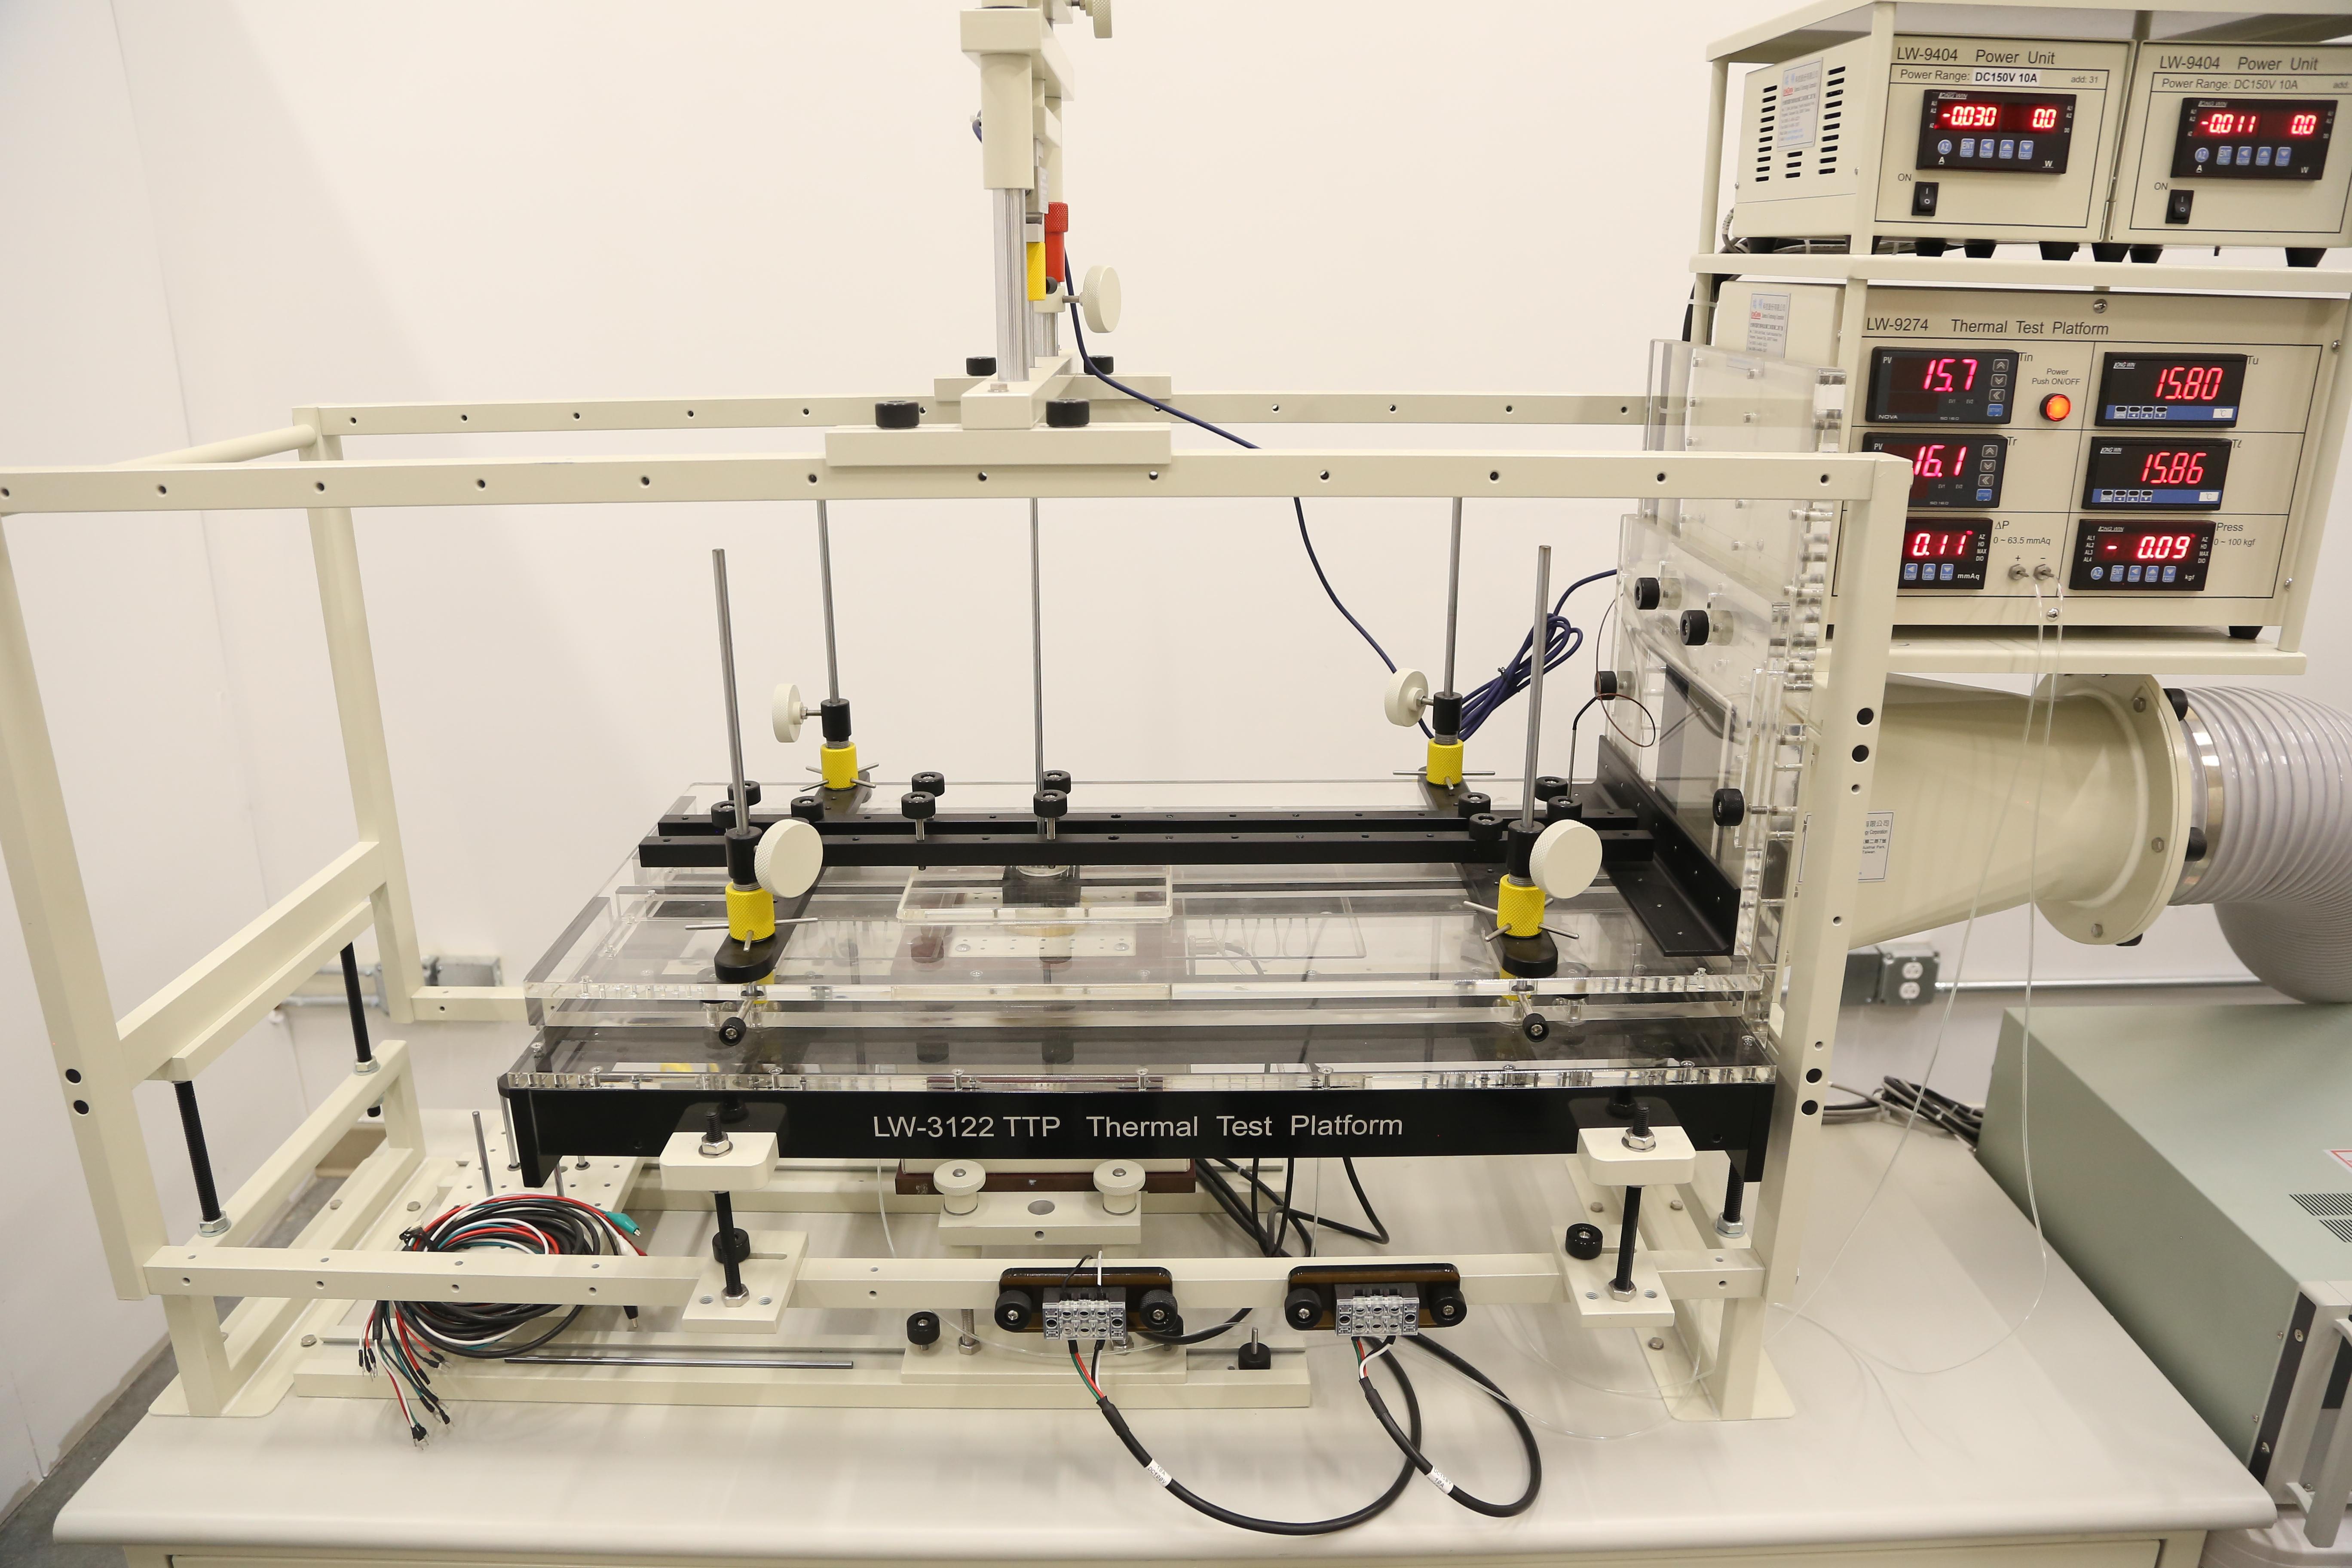 Thermal Test Platform Myheatsinks